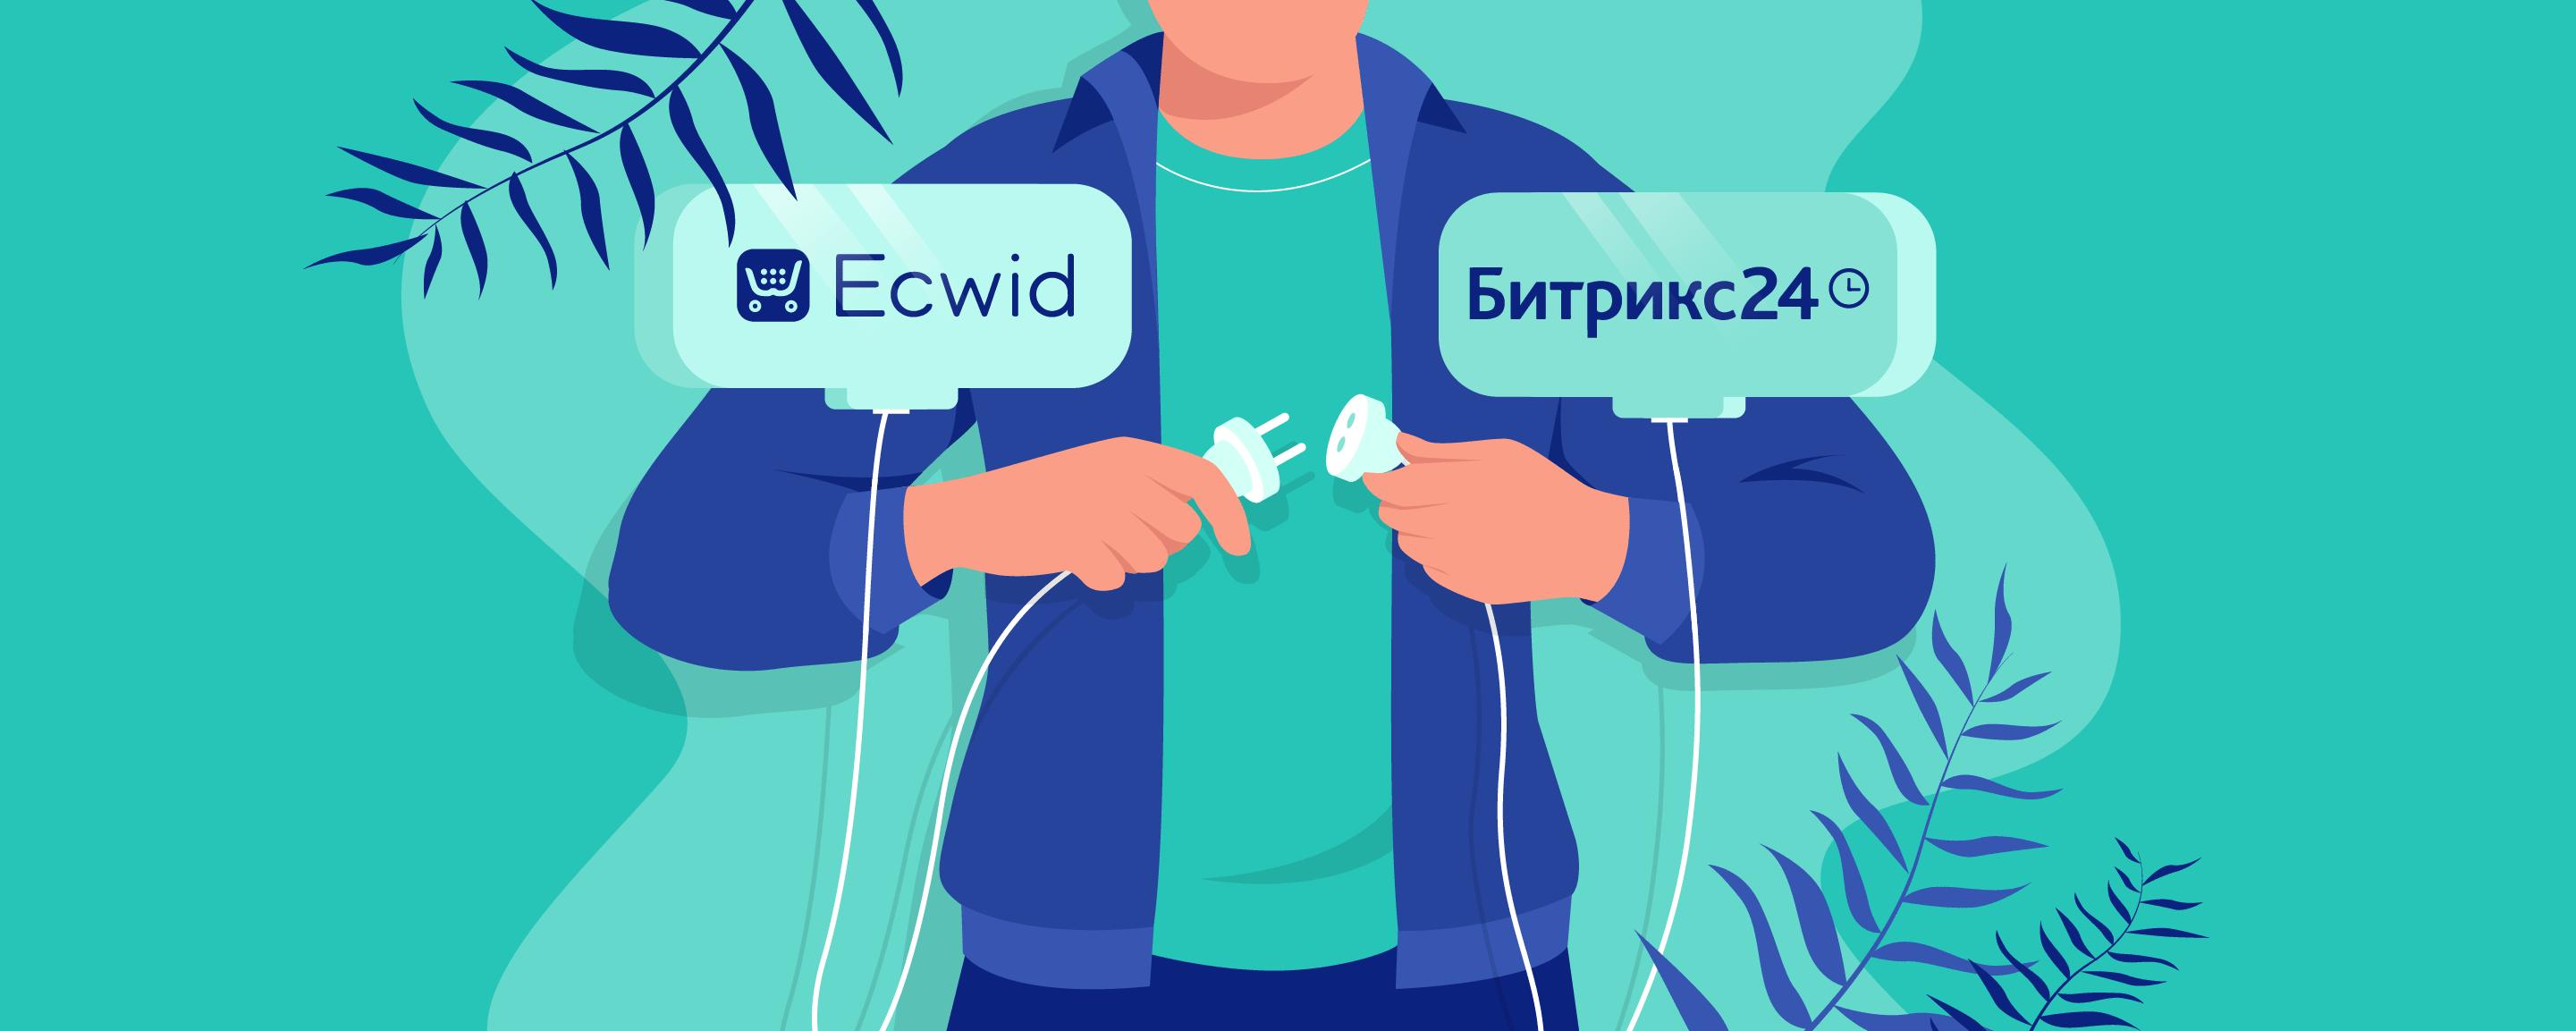 Как создать интернет-магазин на Битрикс24: быстрое решение от Эквида